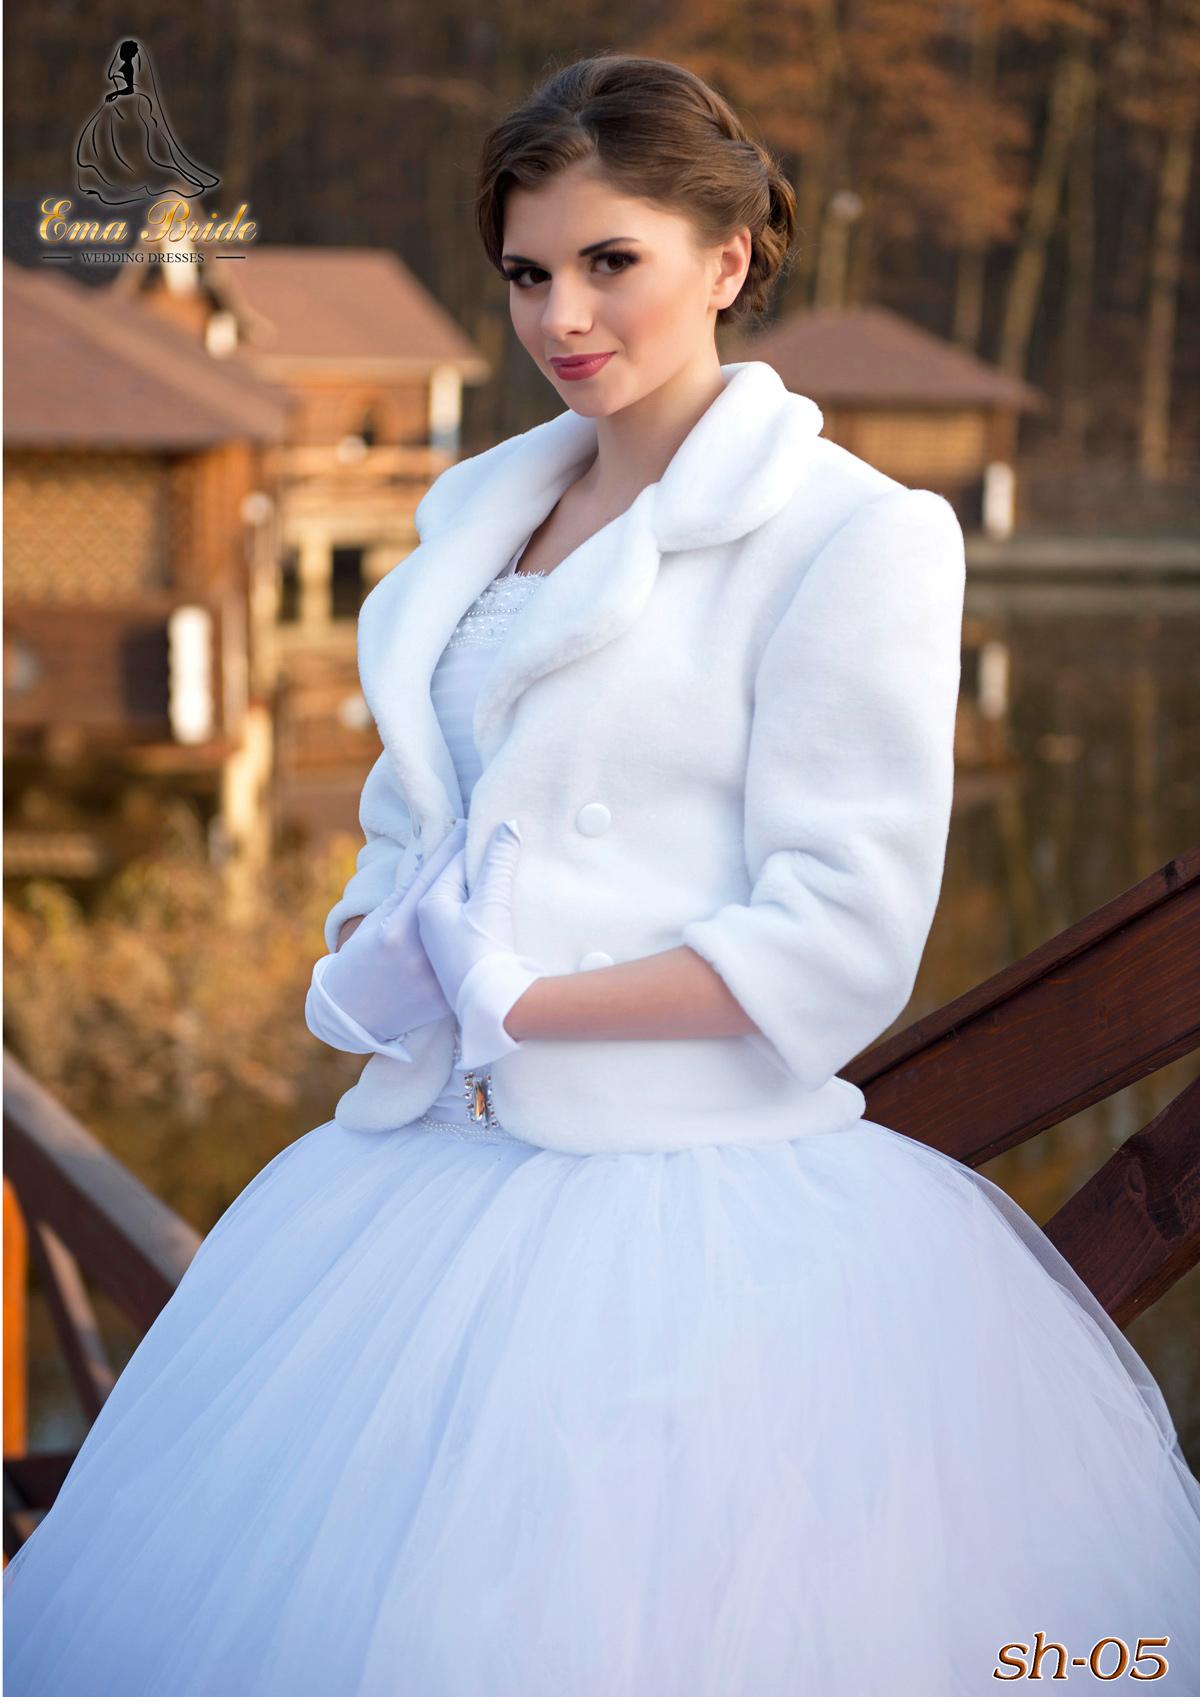 Wedding fur coat SH-05-1